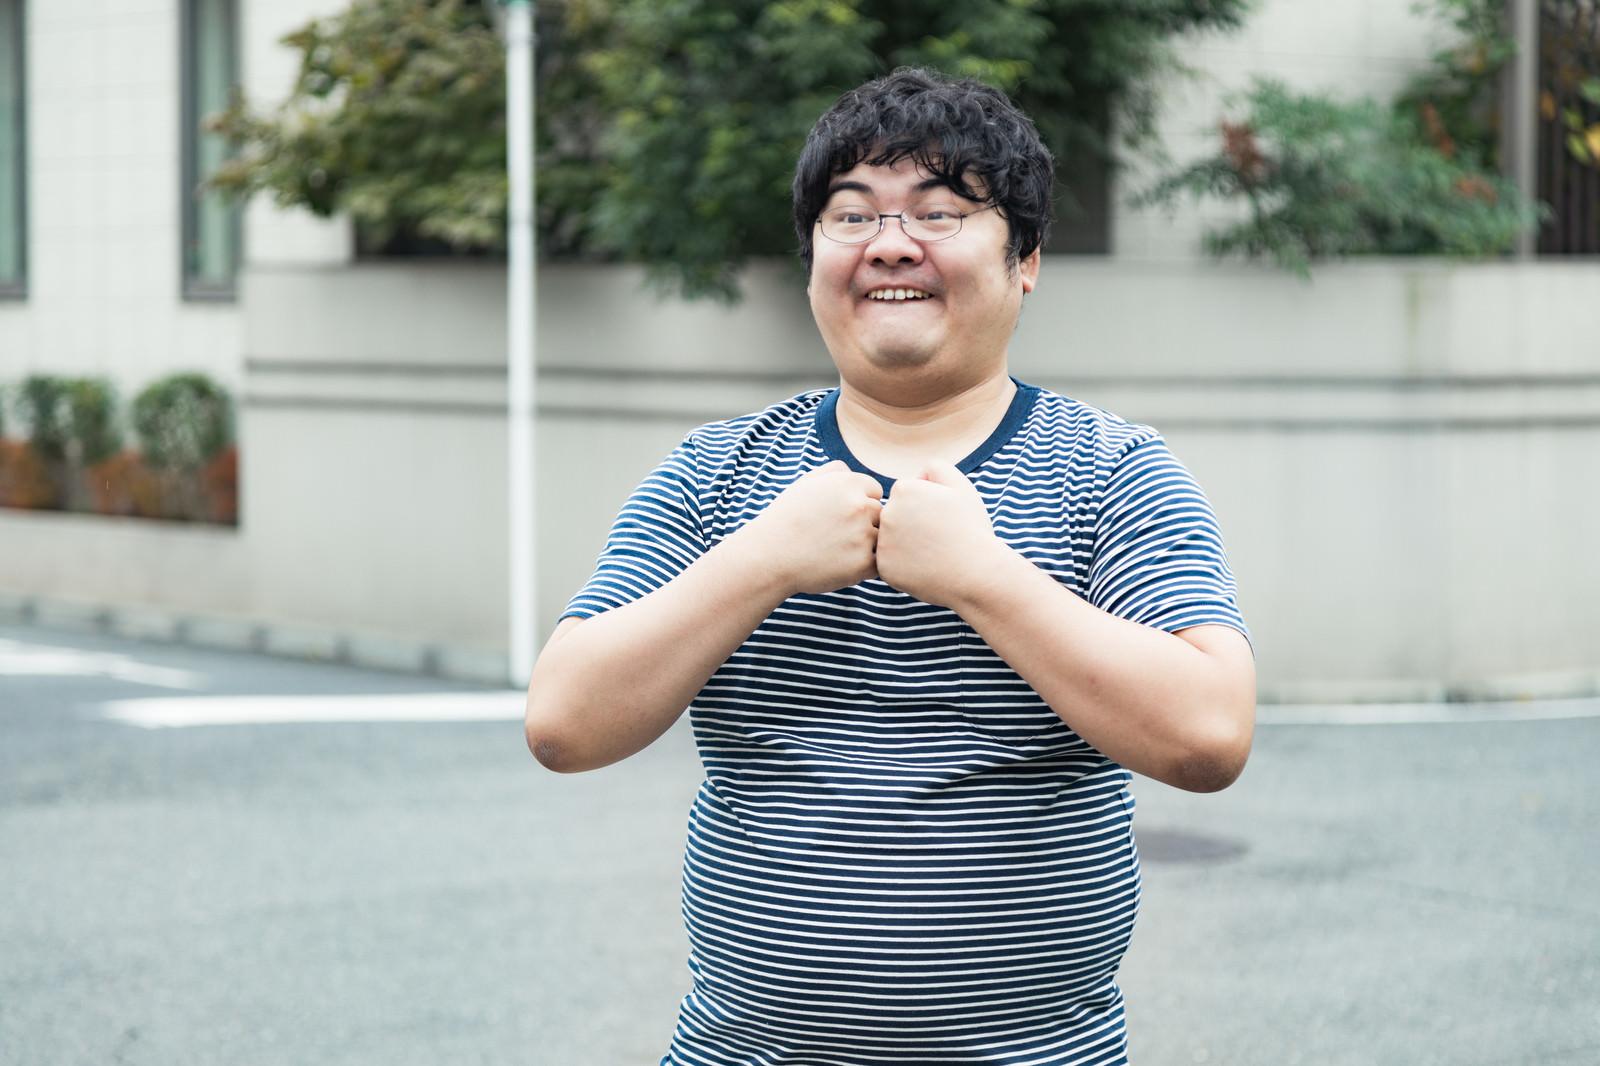 「ワイの必殺技「アクセラレーション・ブースト」をお見舞いしたる」の写真[モデル:段田隼人]